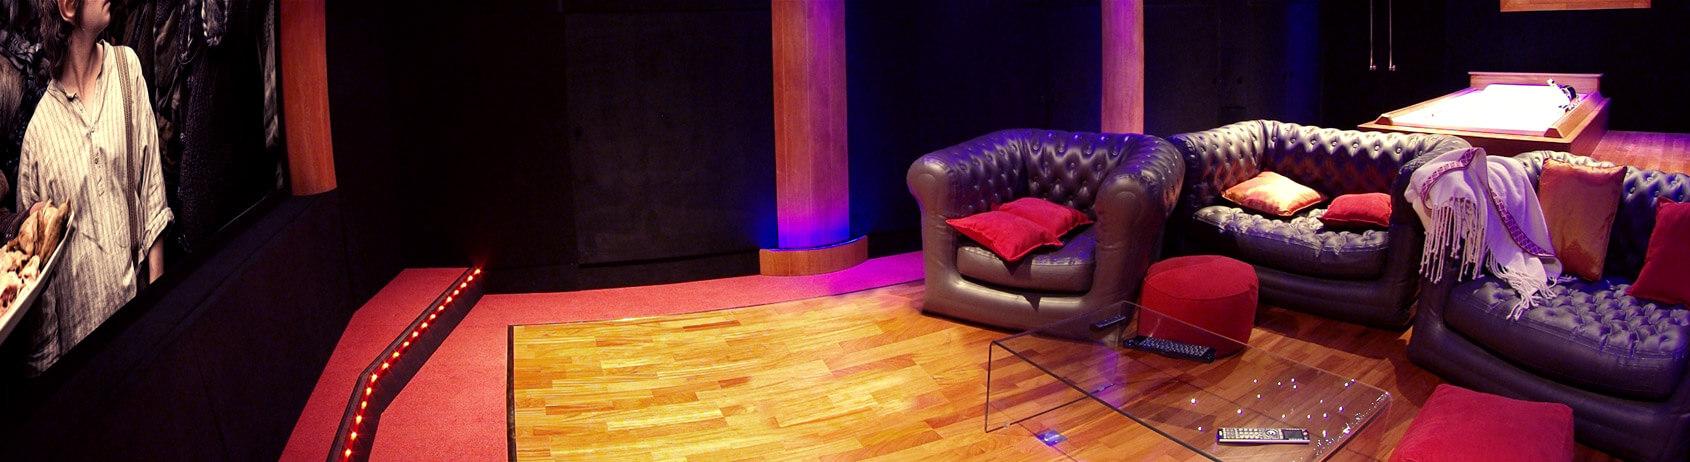 salle de cin ma priv e confort et traitement acoustique. Black Bedroom Furniture Sets. Home Design Ideas